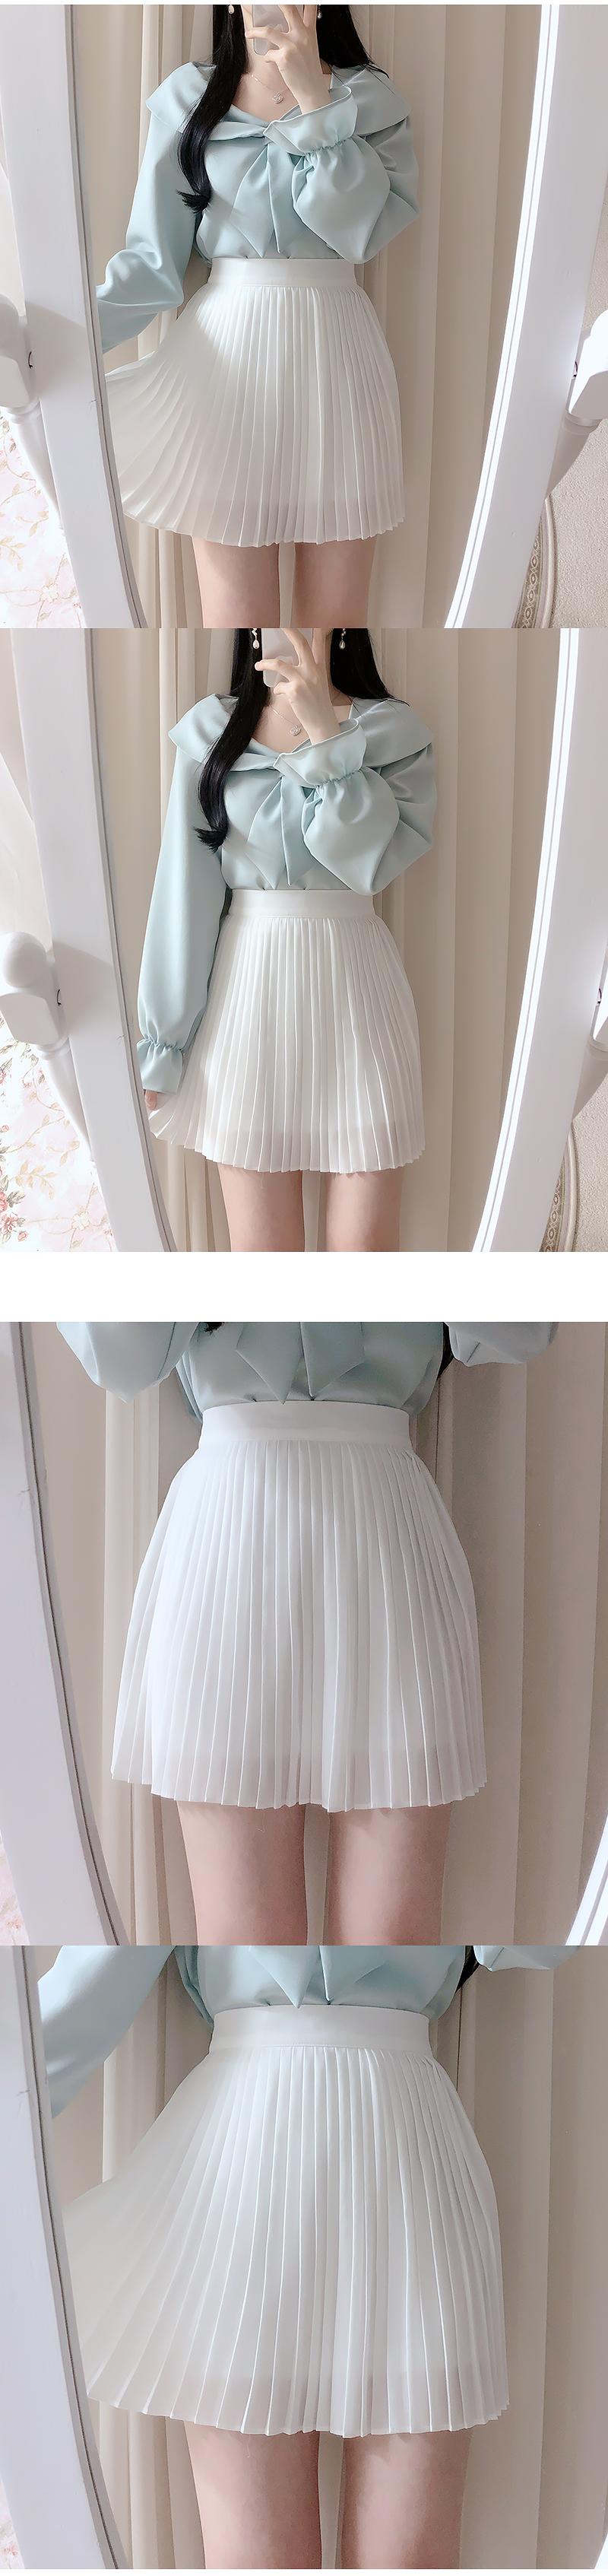 Lady pleated skirt